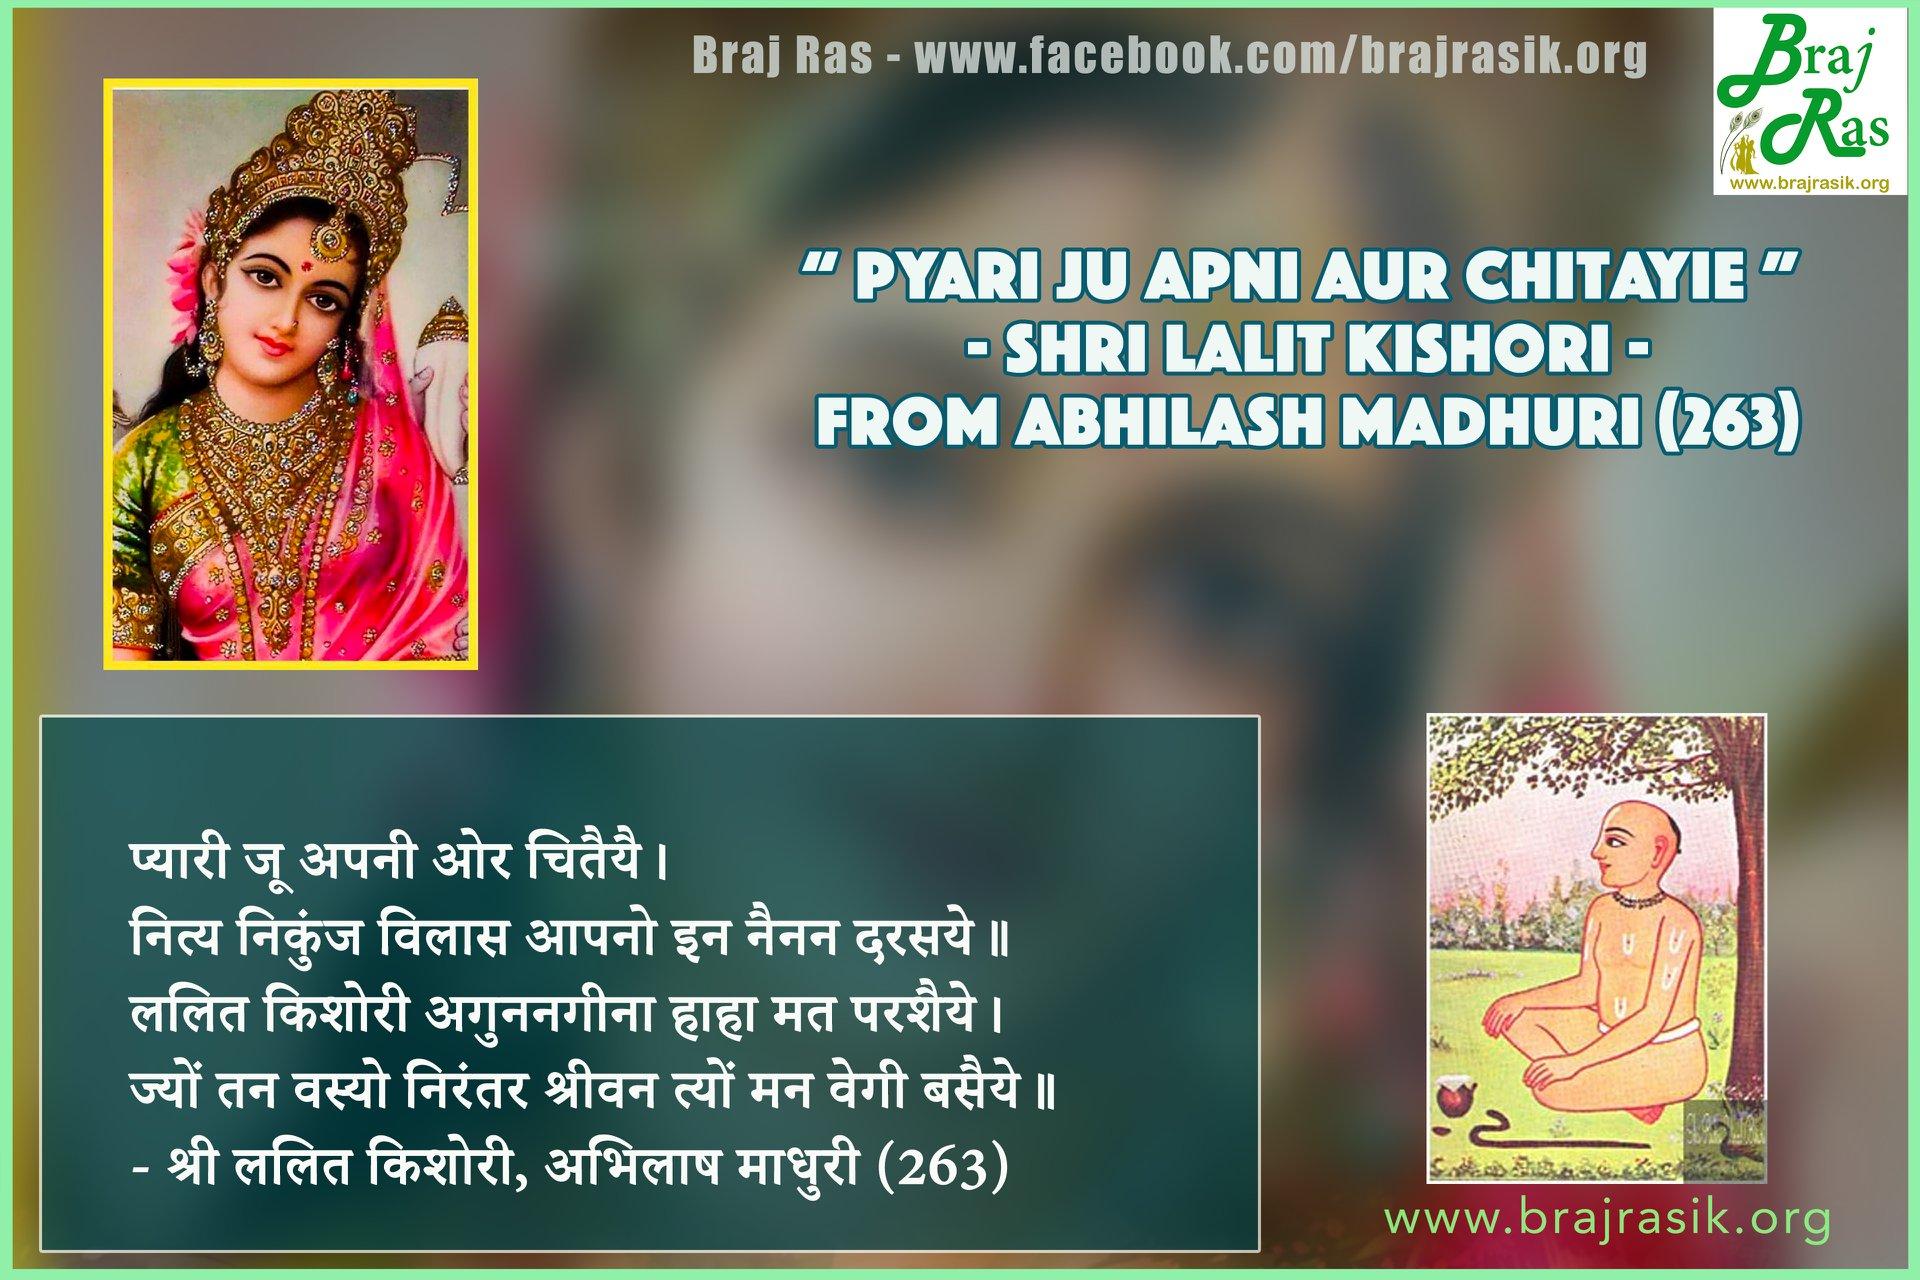 """"""" Pyari Ju Apni Aur Chitayie """" - Shri Lalit Kishori - From Abhilash Madhuri (263)"""